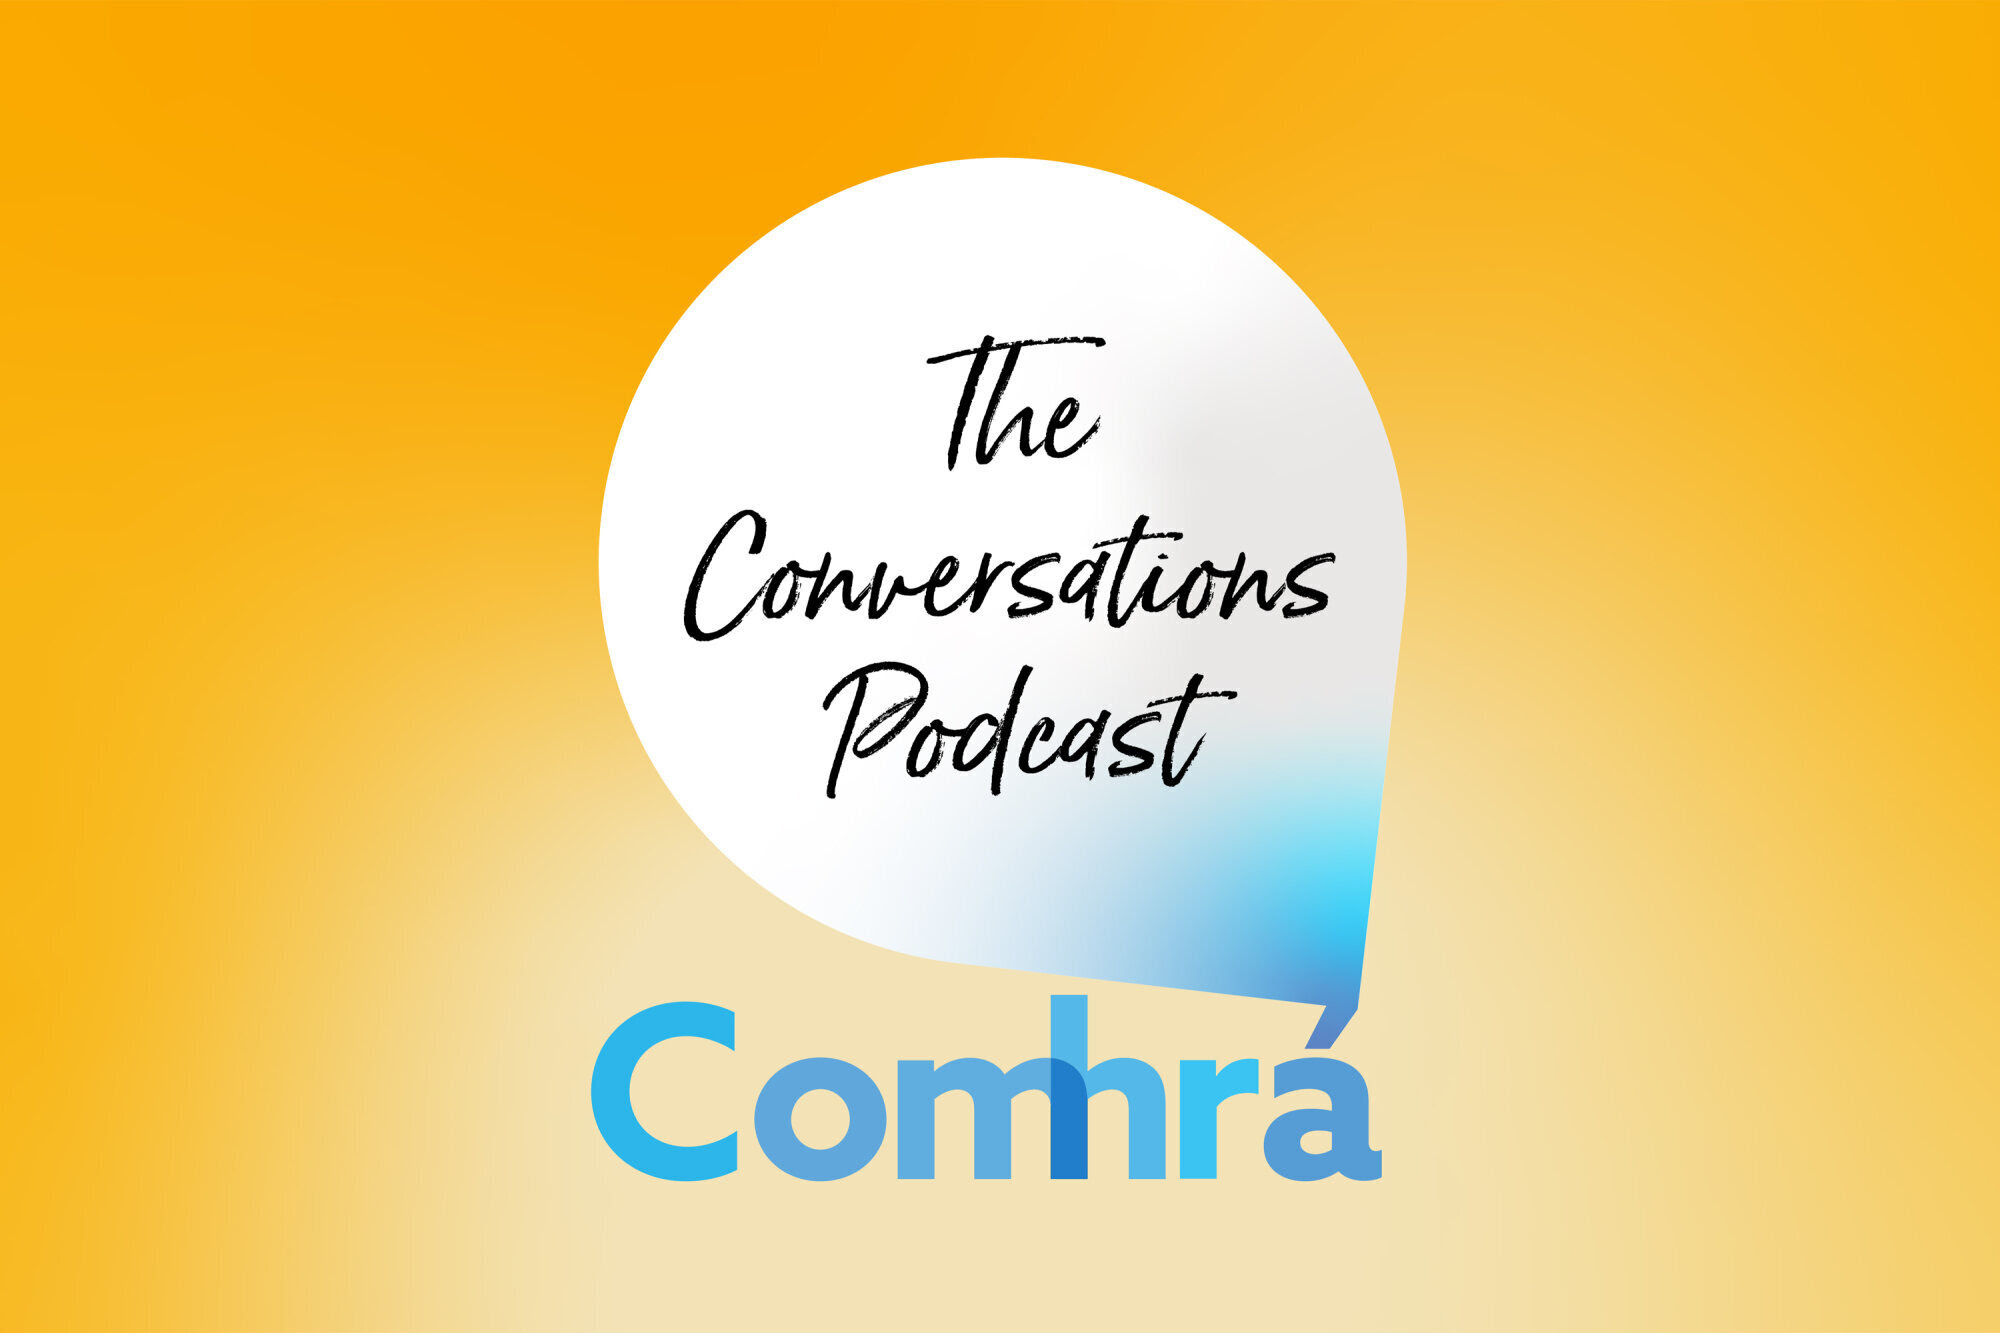 Logo of Comhrá, The Conversations Podcast, a podcast by the Bahá'ís of Ireland